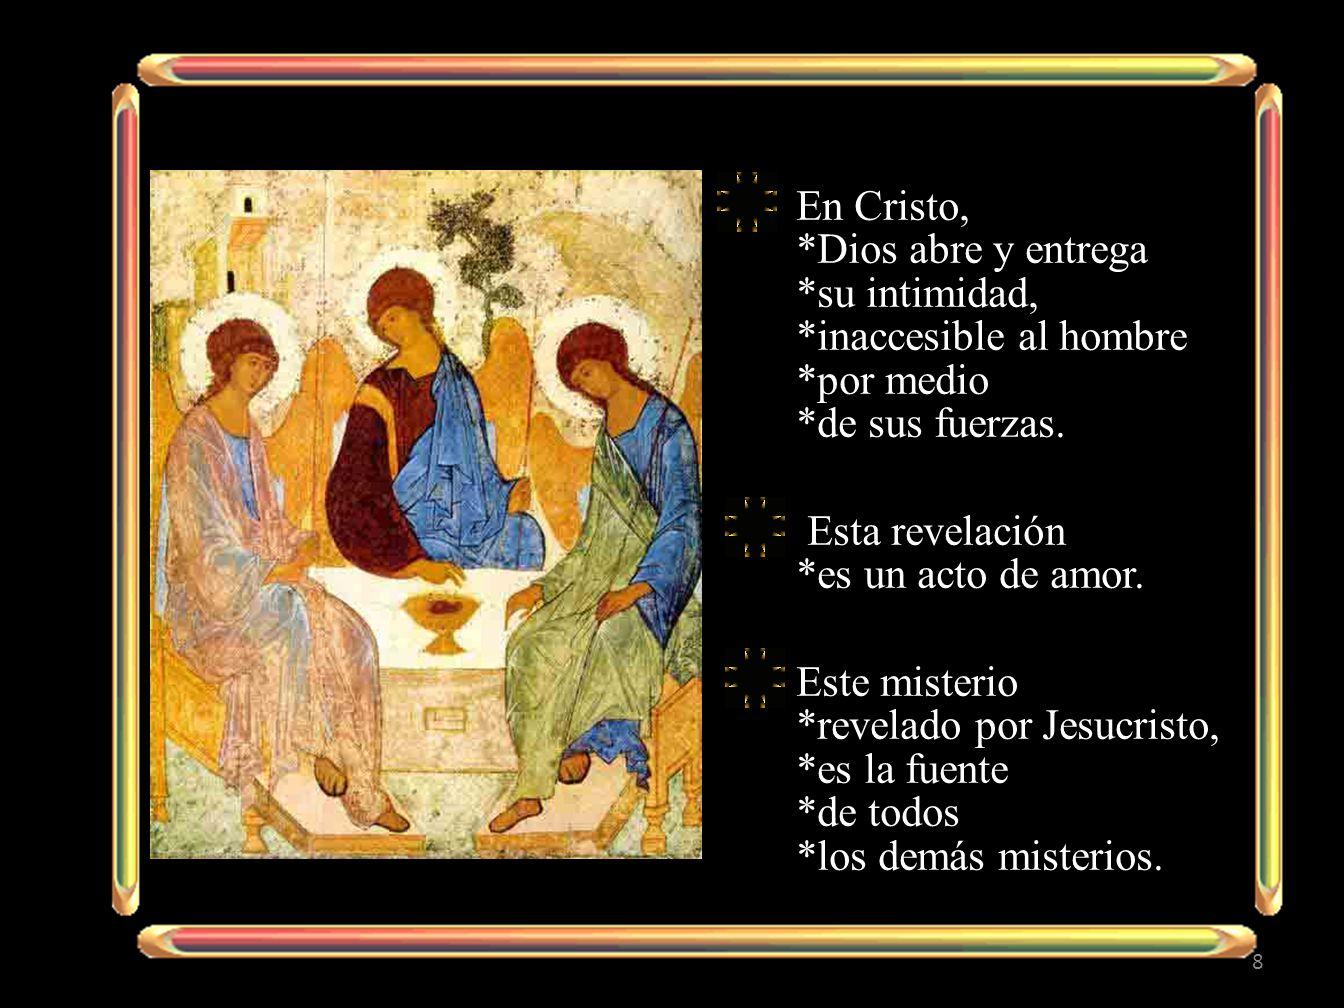 En Cristo, *Dios abre y entrega *su intimidad, *inaccesible al hombre *por medio *de sus fuerzas.